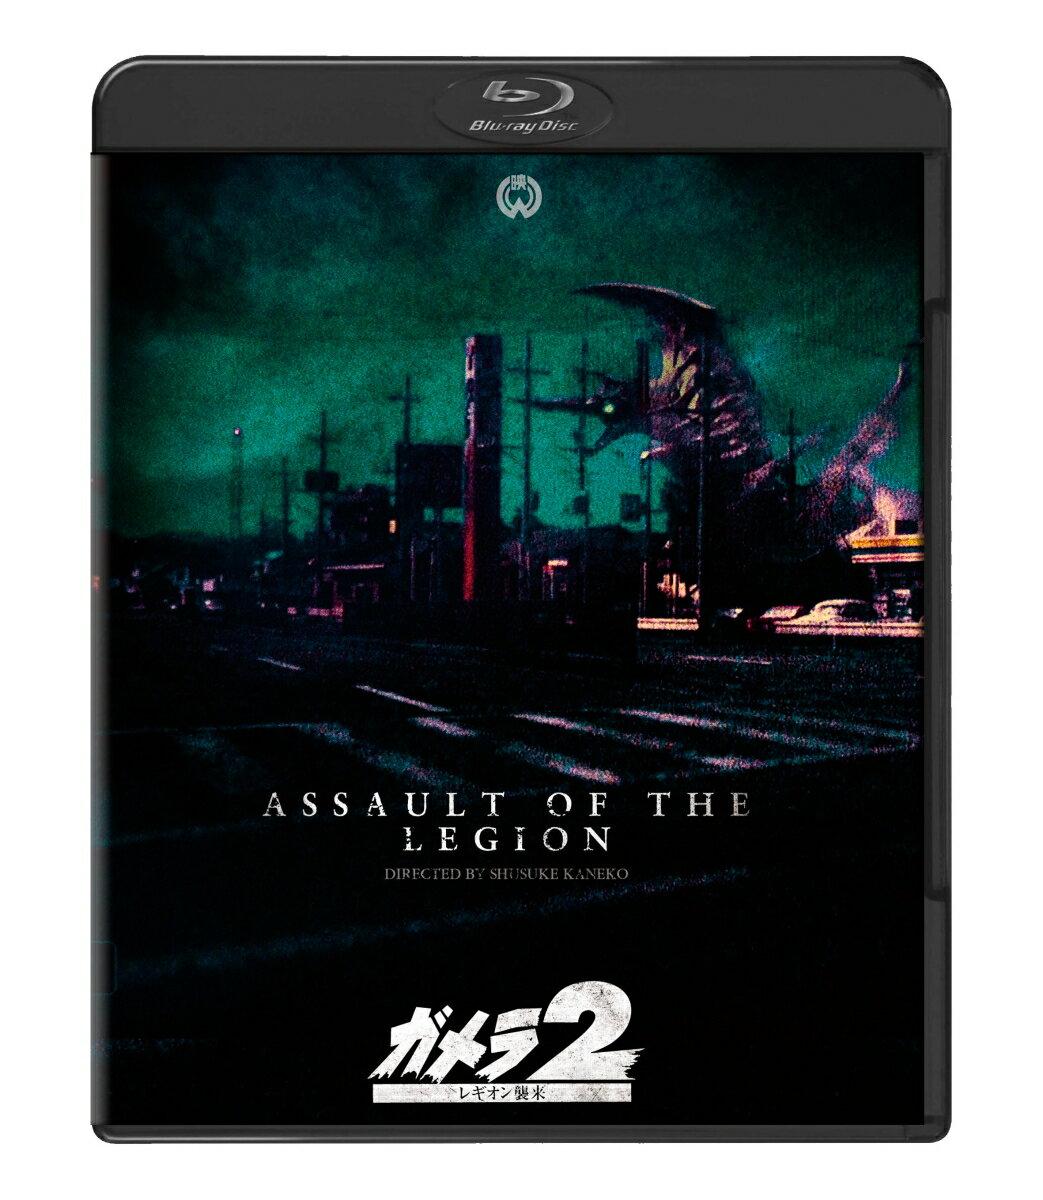 『ガメラ2 レギオン襲来』 4Kデジタル復元版Blu-ray【Blu-ray】